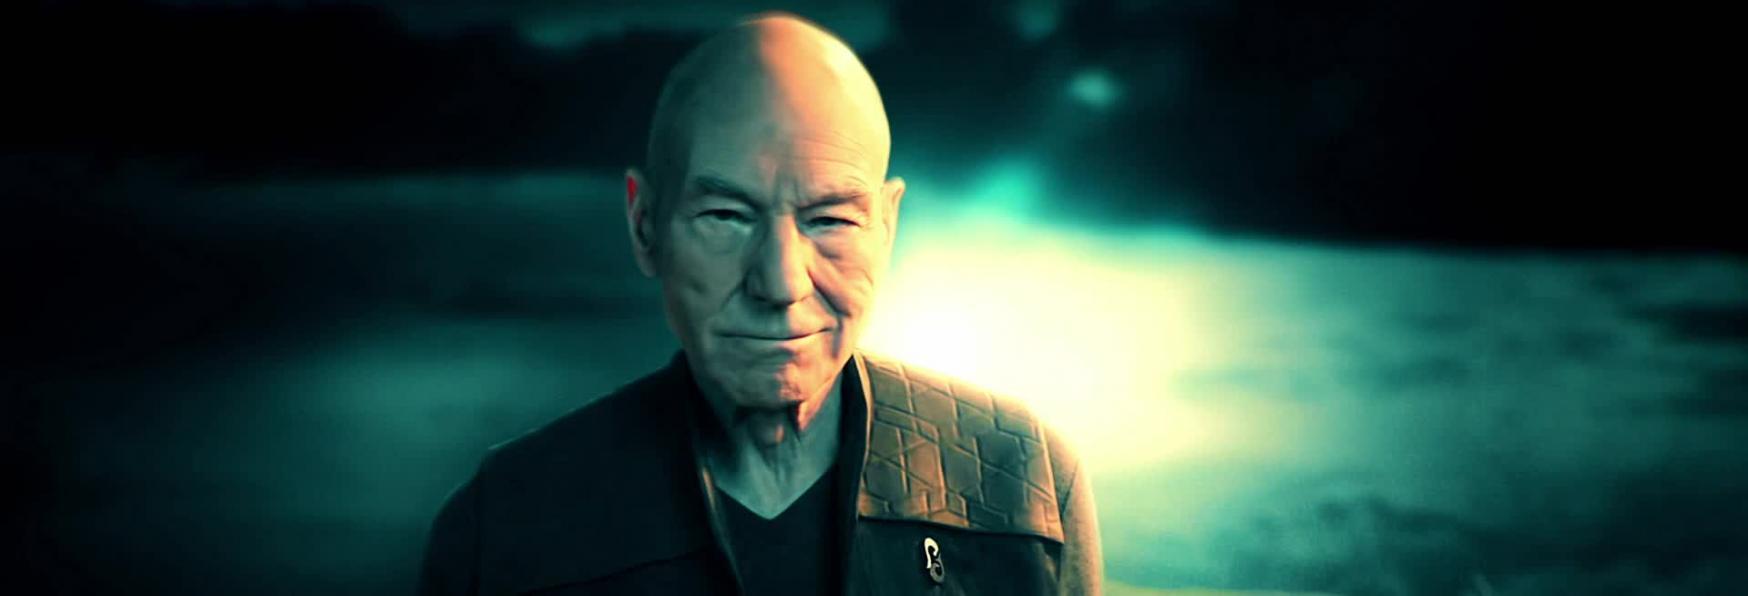 Star Trek: Picard 2 - Posticipata la nuova Stagione della Serie TV